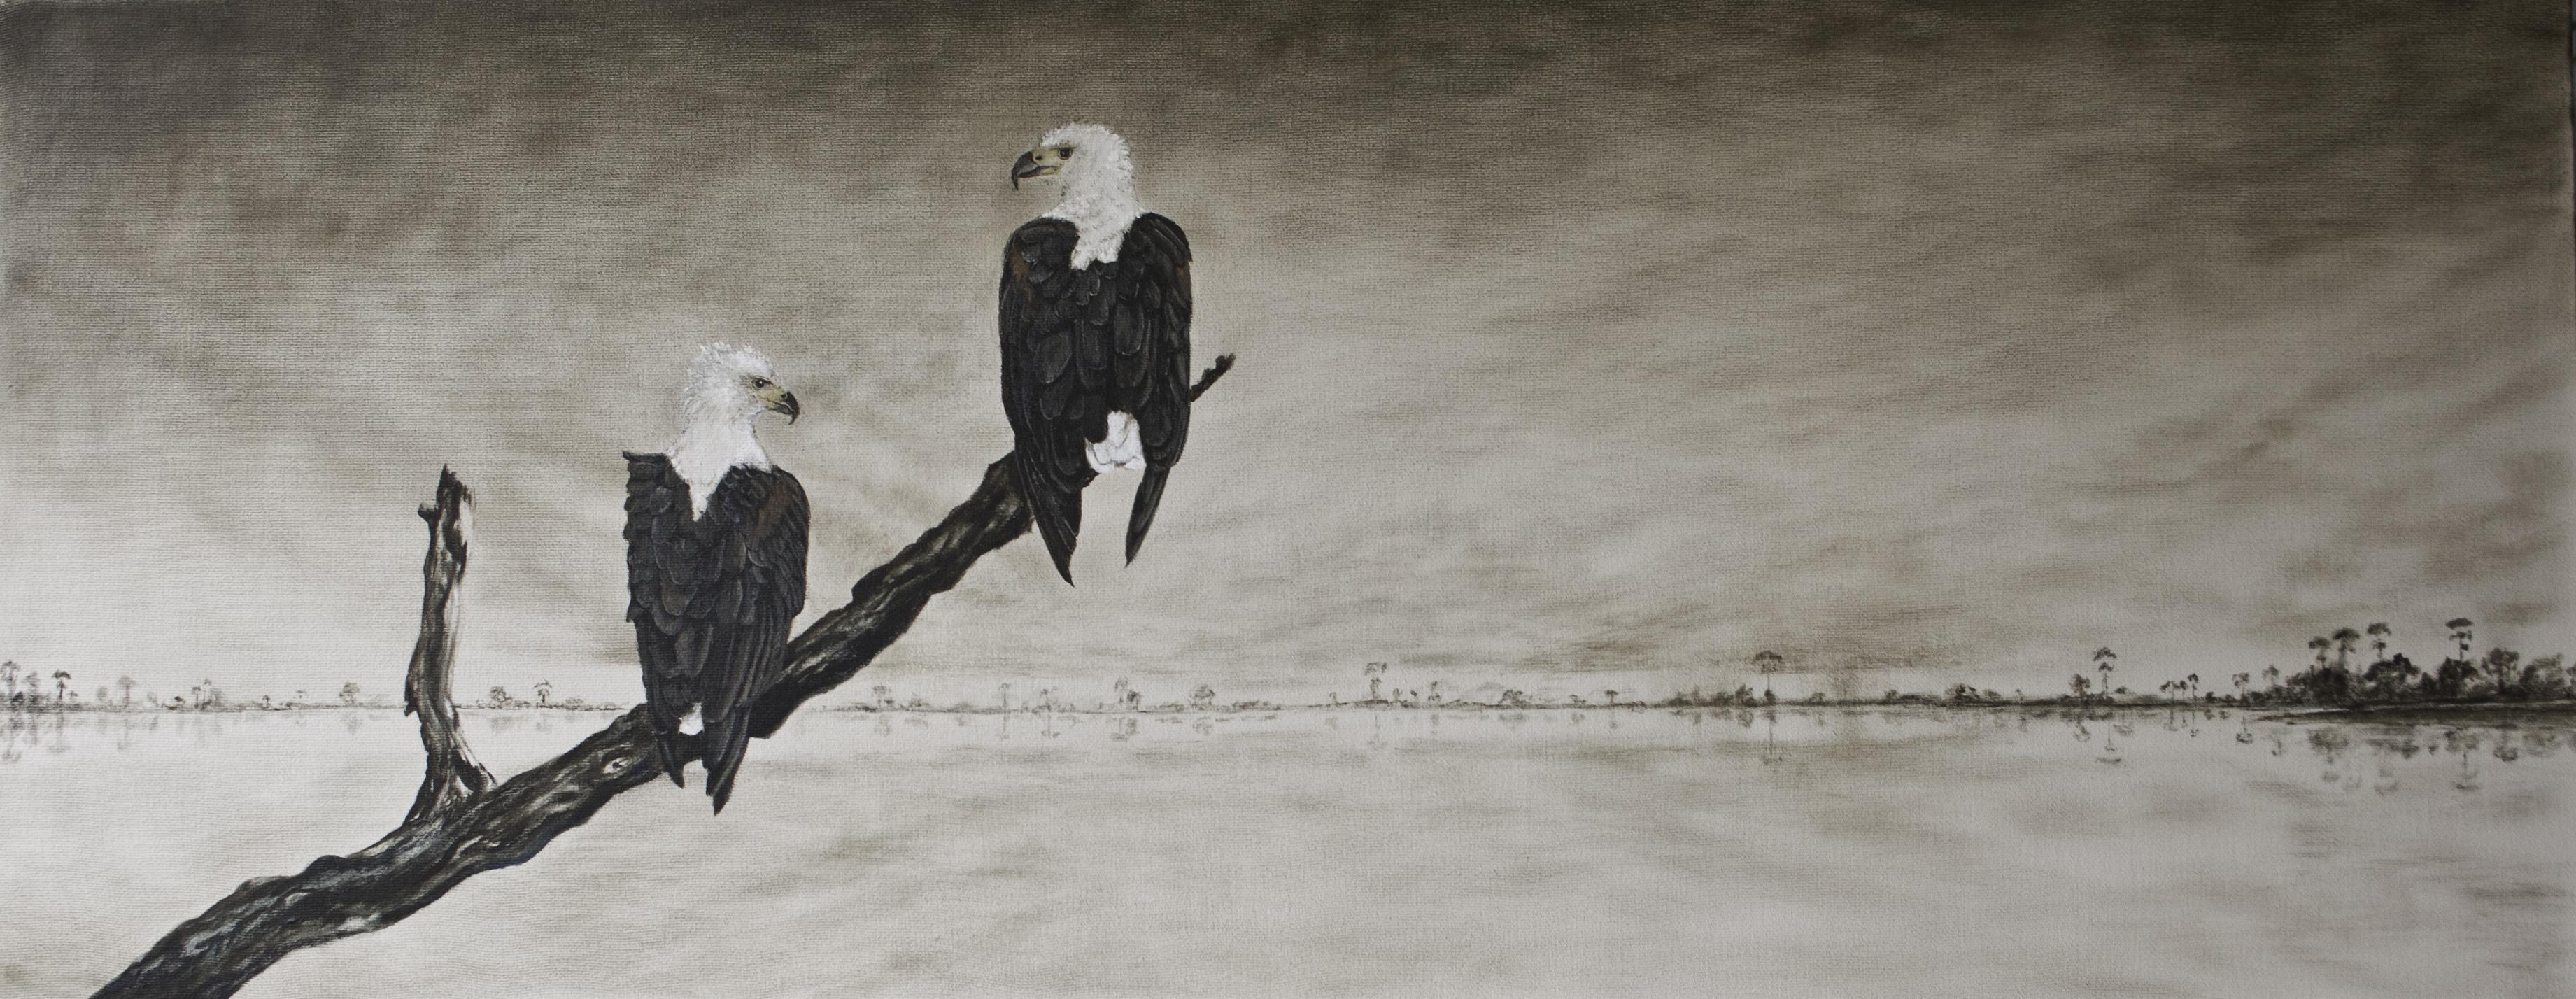 fish eagles_MG_5132